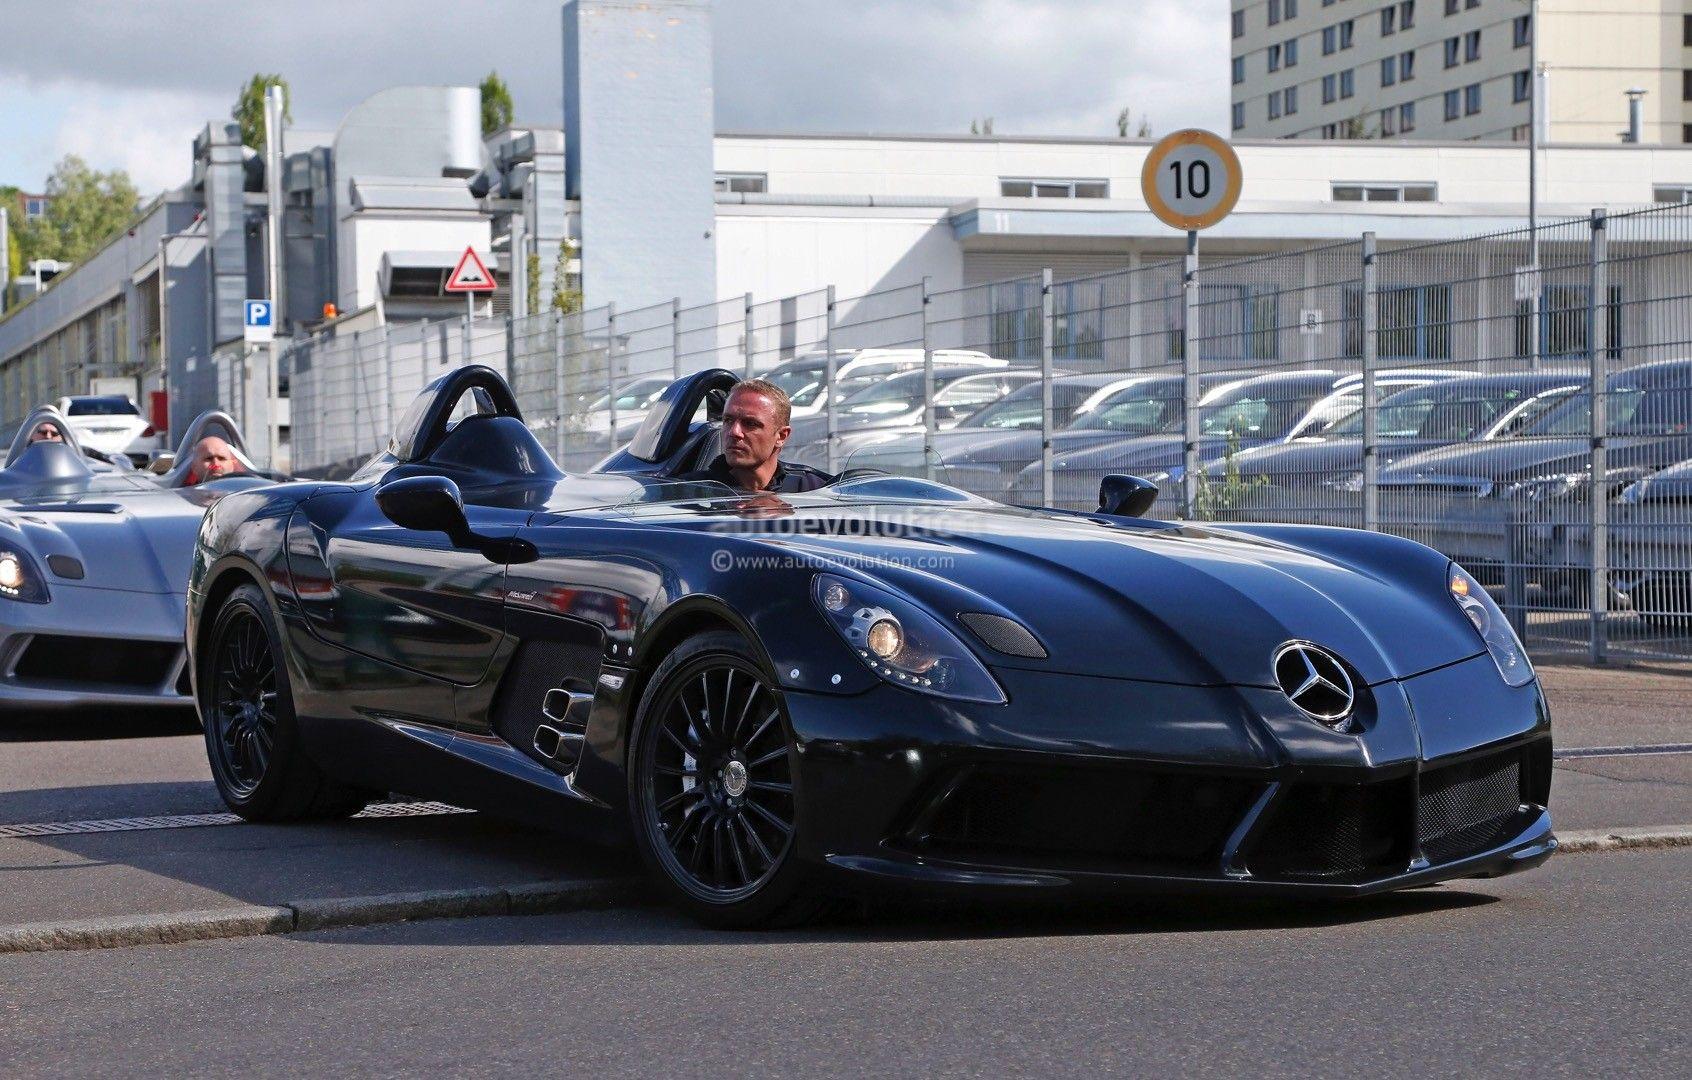 Black Mercedes Benz Slr Stirling Moss Black Mercedes Benz